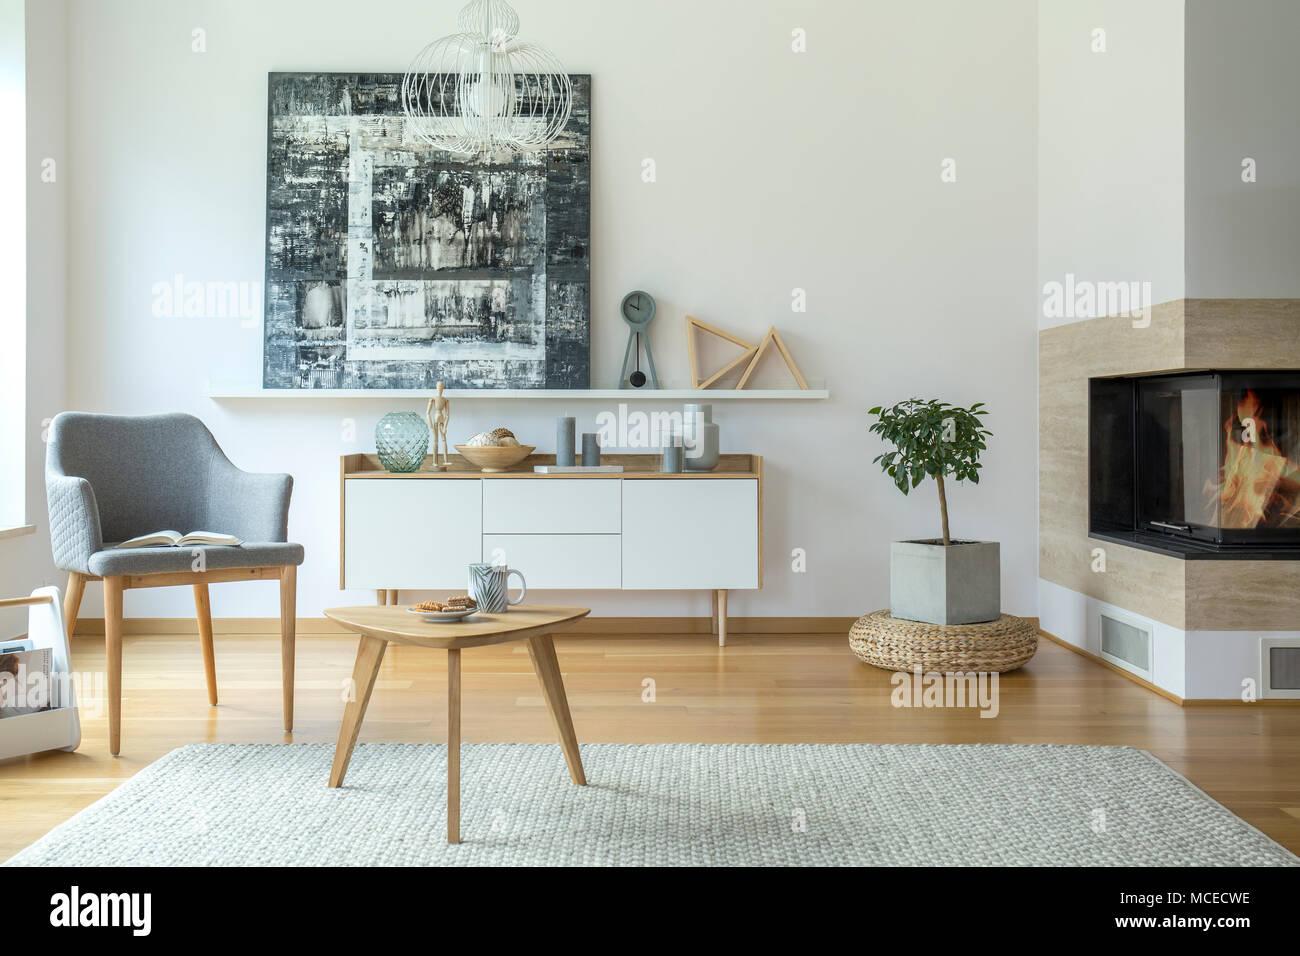 Grau Sessel In Der Nahe Eines Holzernen Tisch Im Wohnzimmer